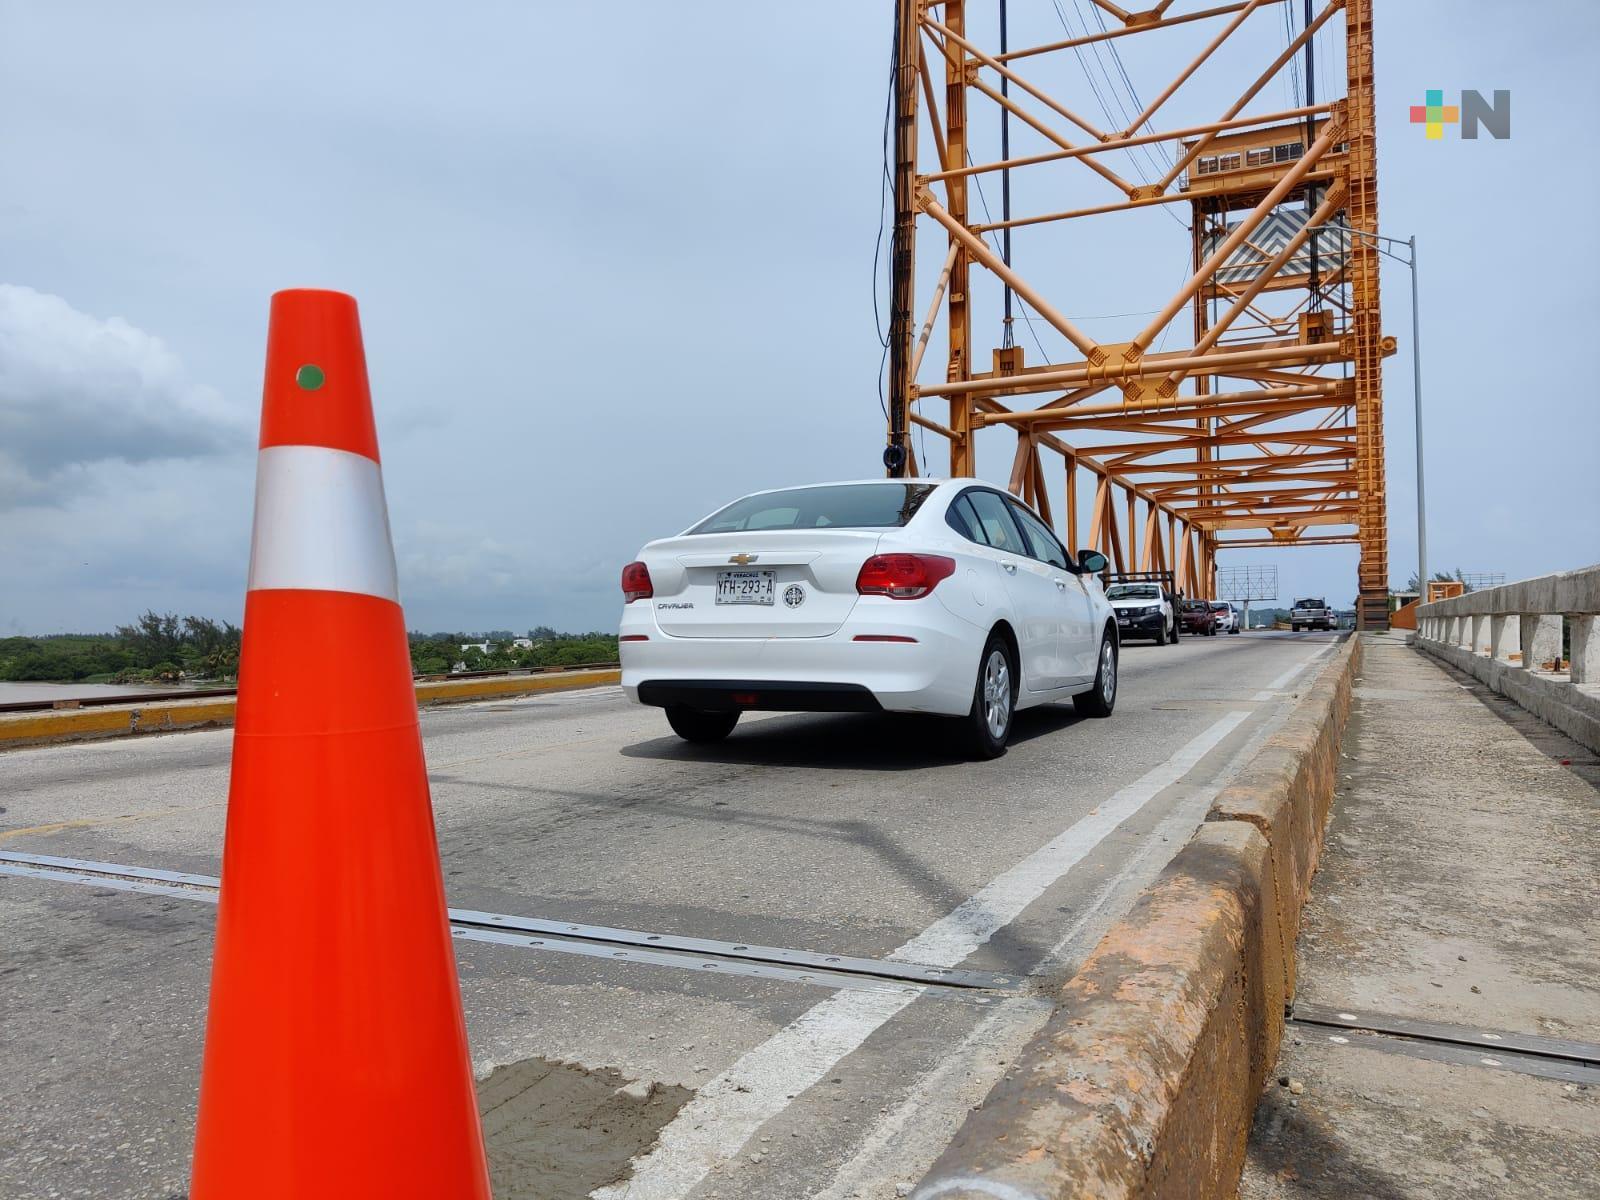 En fin de semana realizaron mantenimiento en puente Coatzacoalcos I